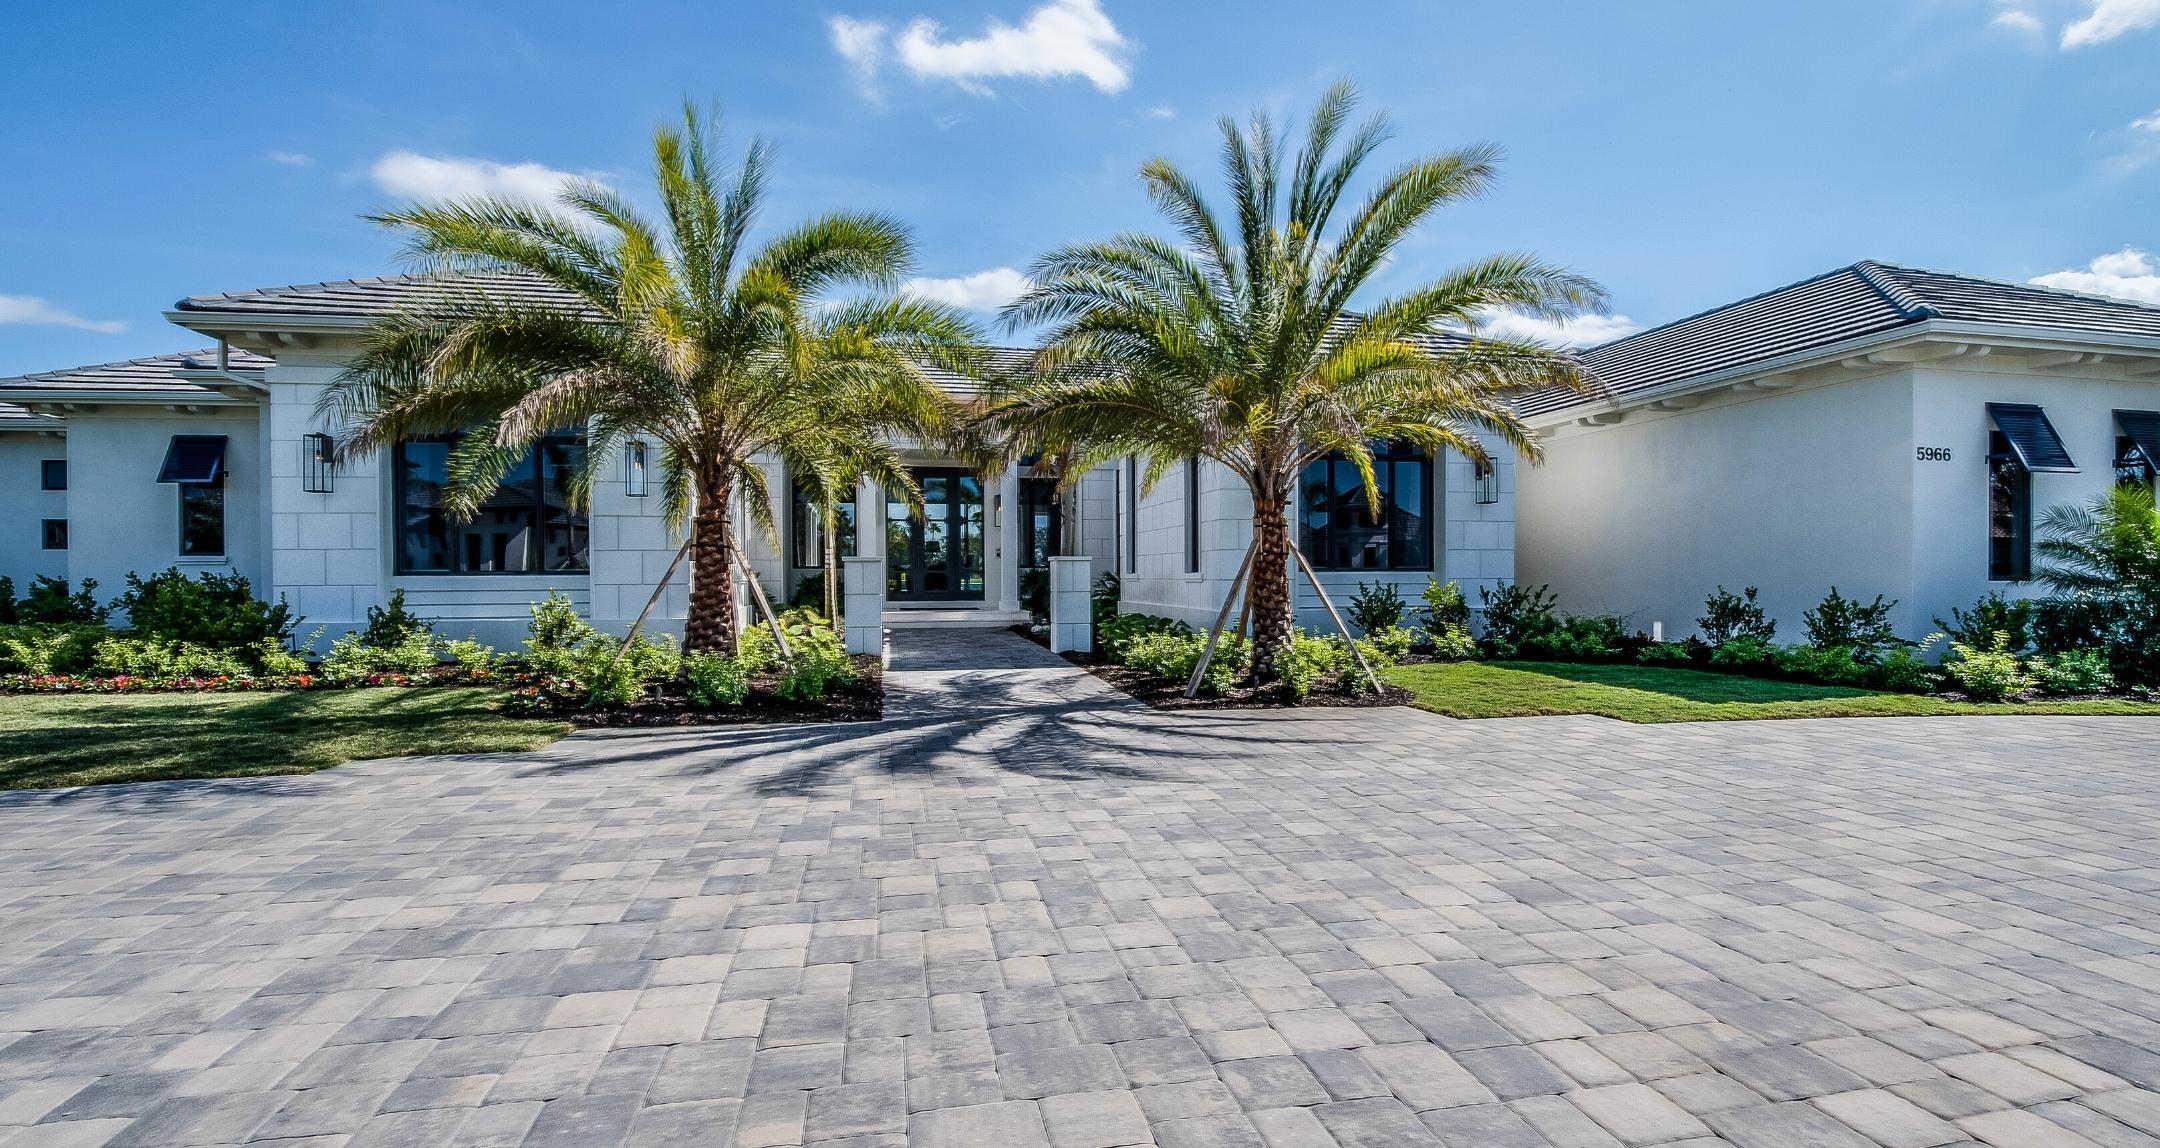 Florida home exterior.